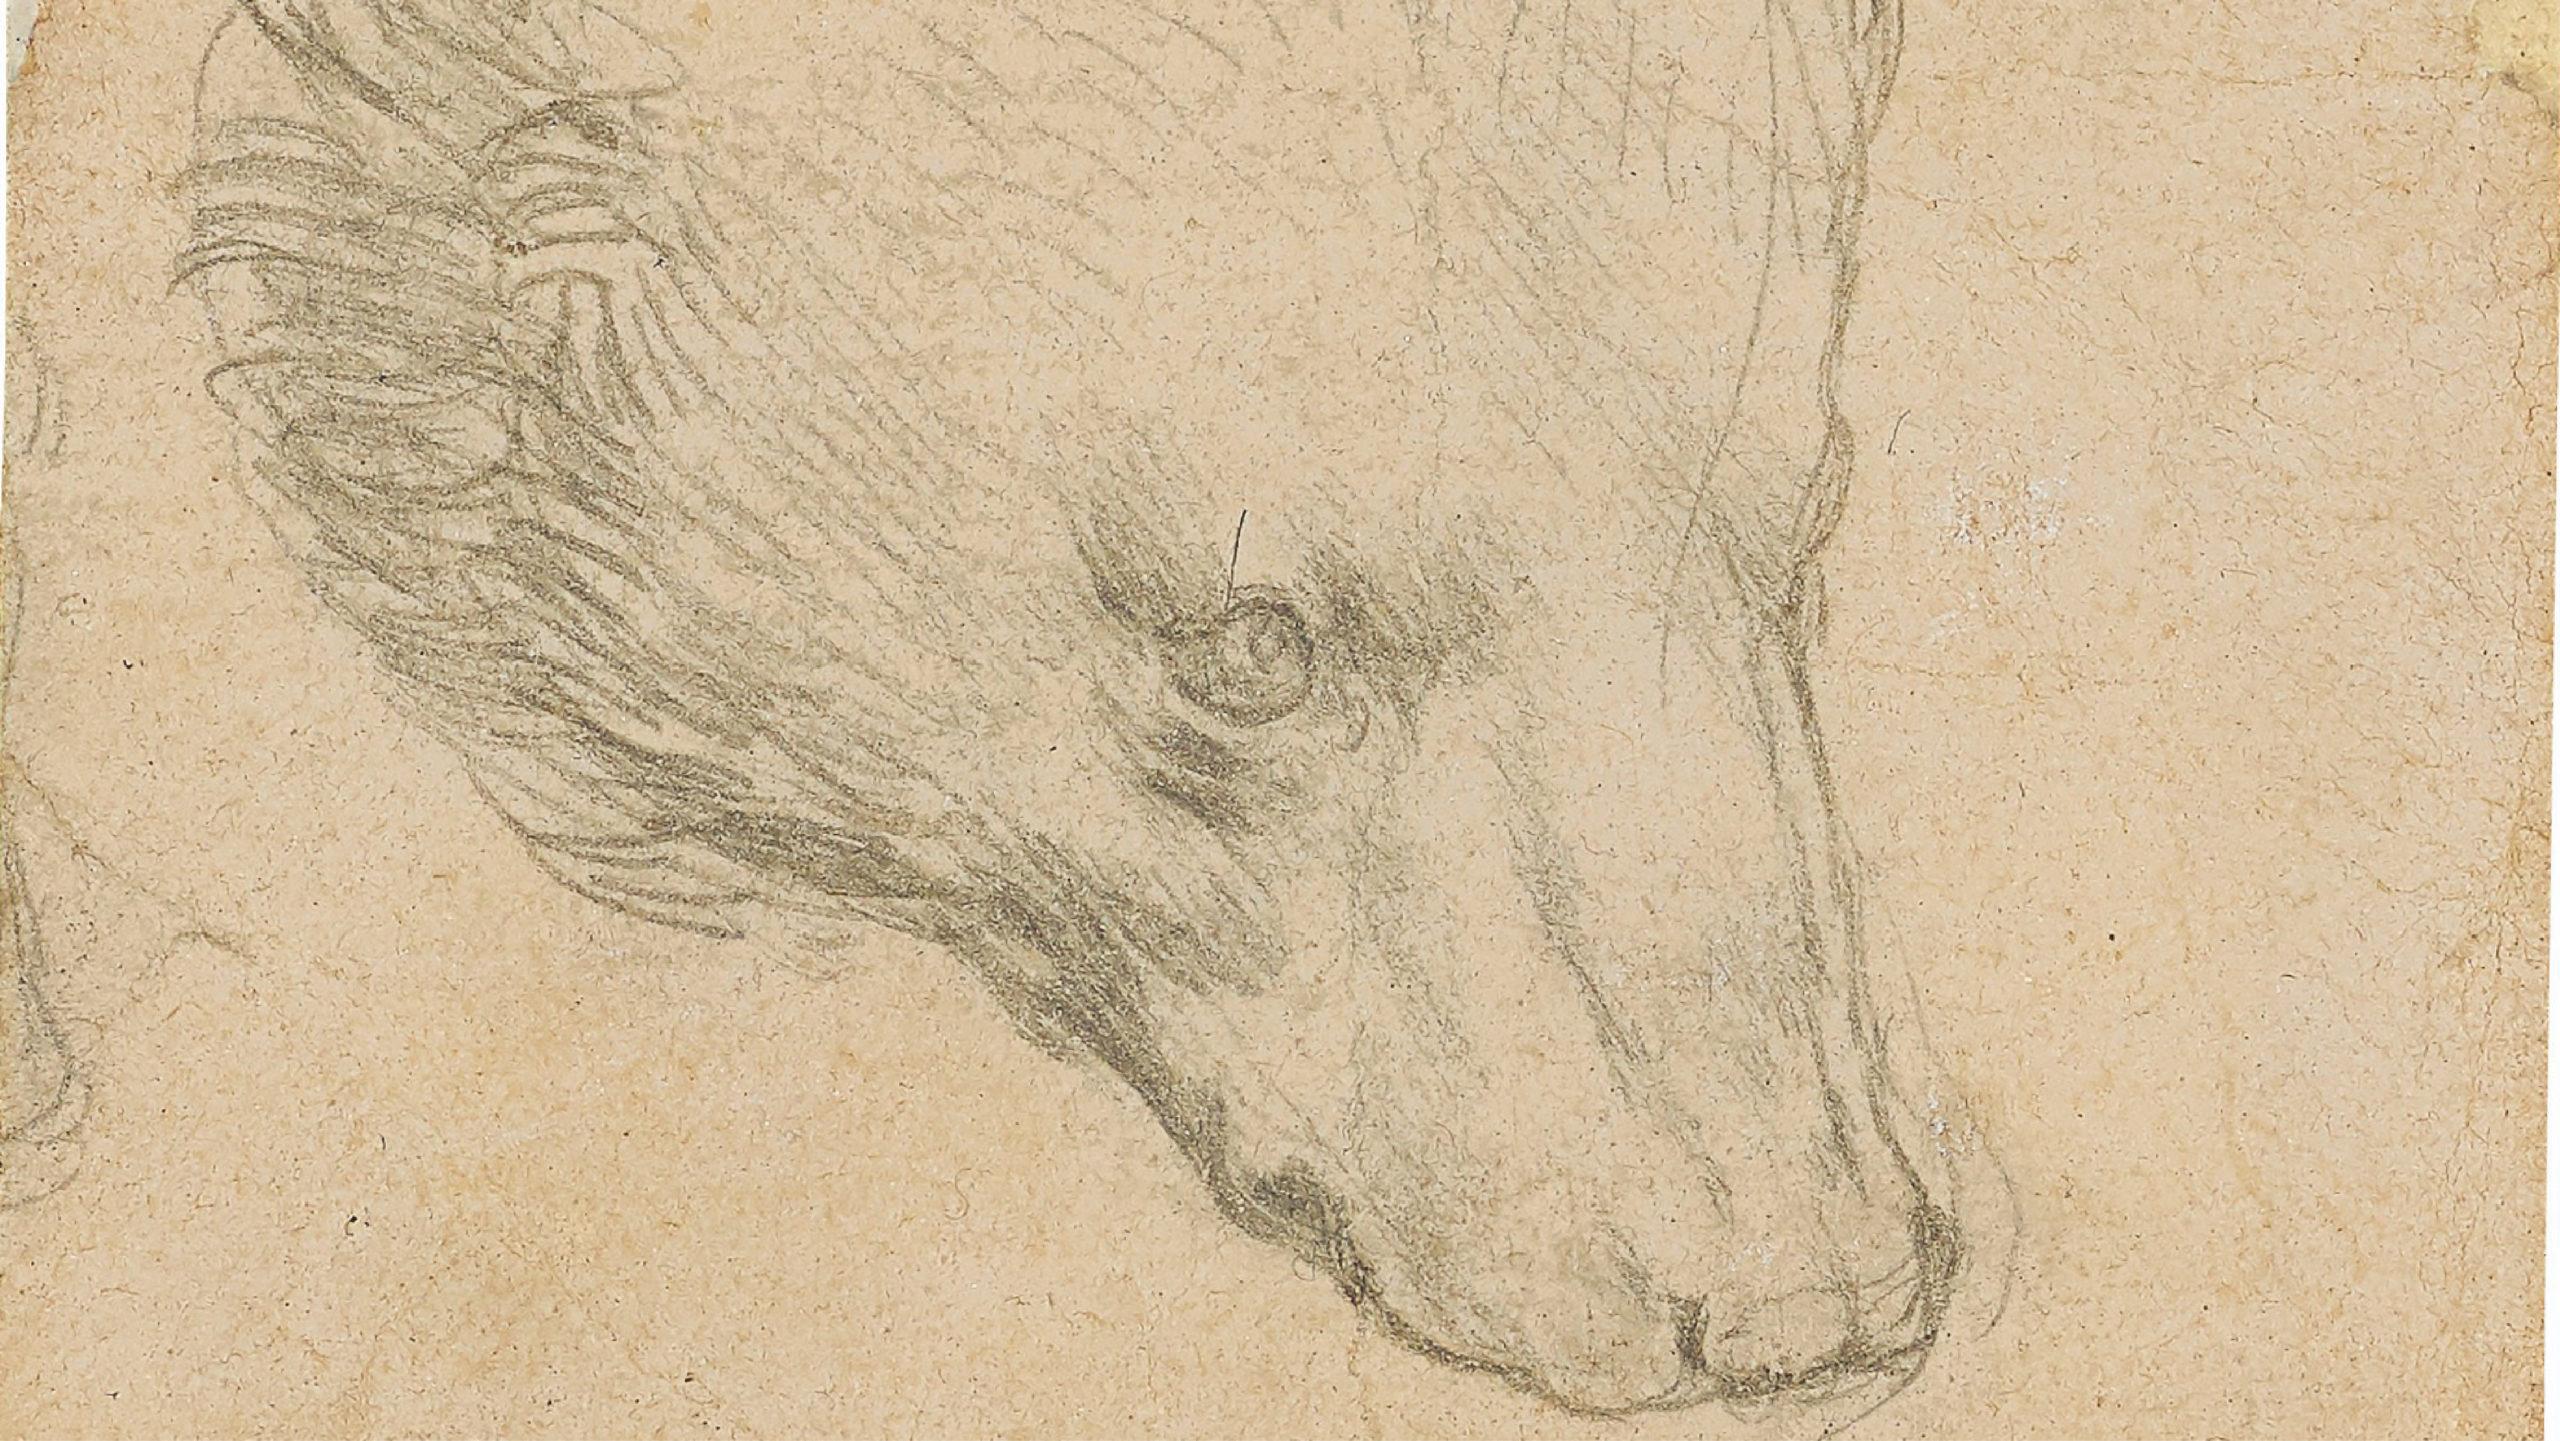 Subastan boceto de oso de Da Vinci por un récord de 12.2 mdd